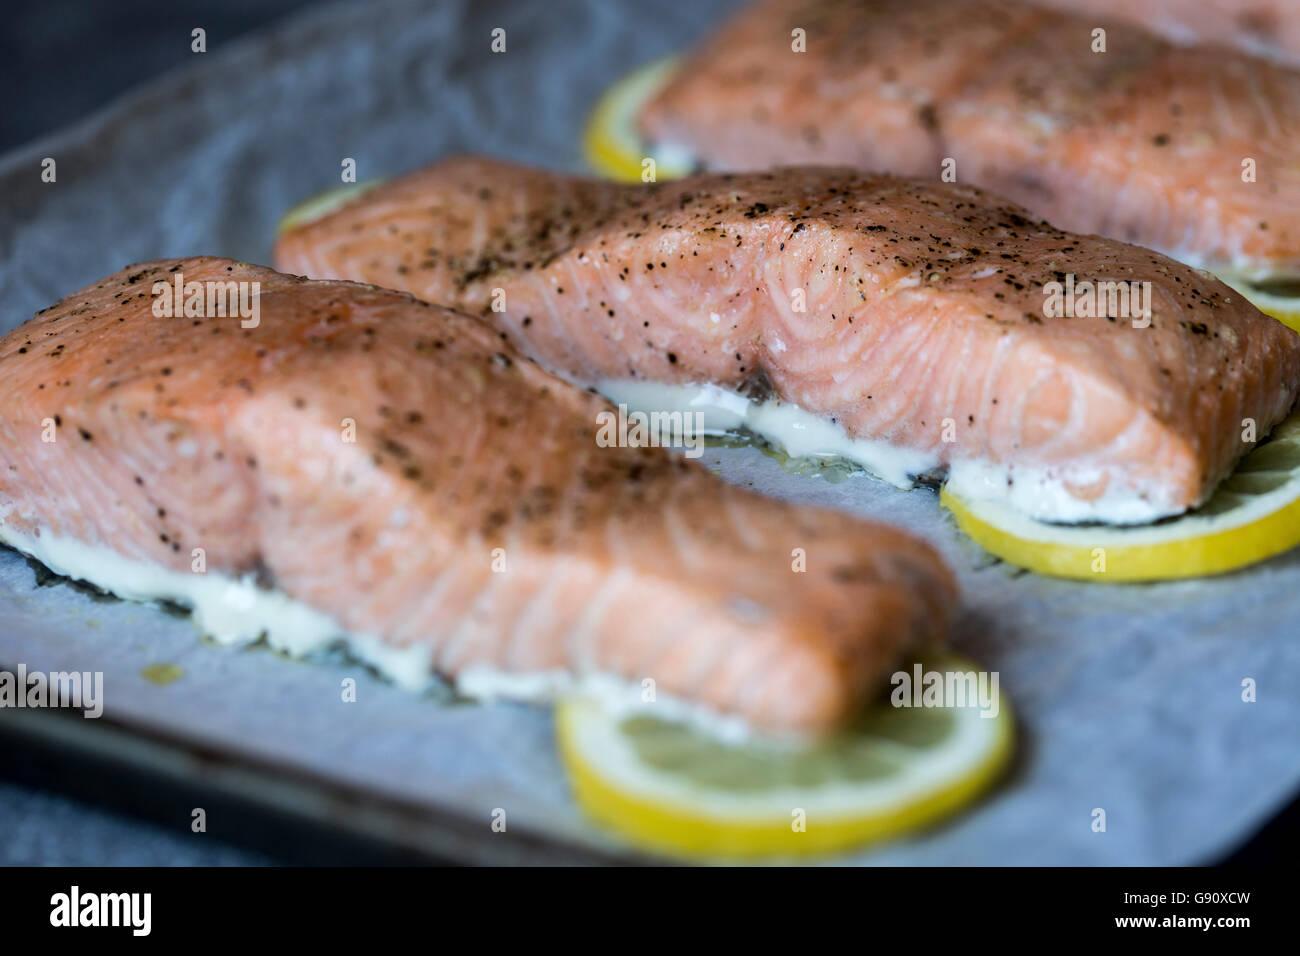 Langsam gebackene Lachsscheiben werden fotografiert, gleich nachdem sie aus dem Ofen kam. Stockbild